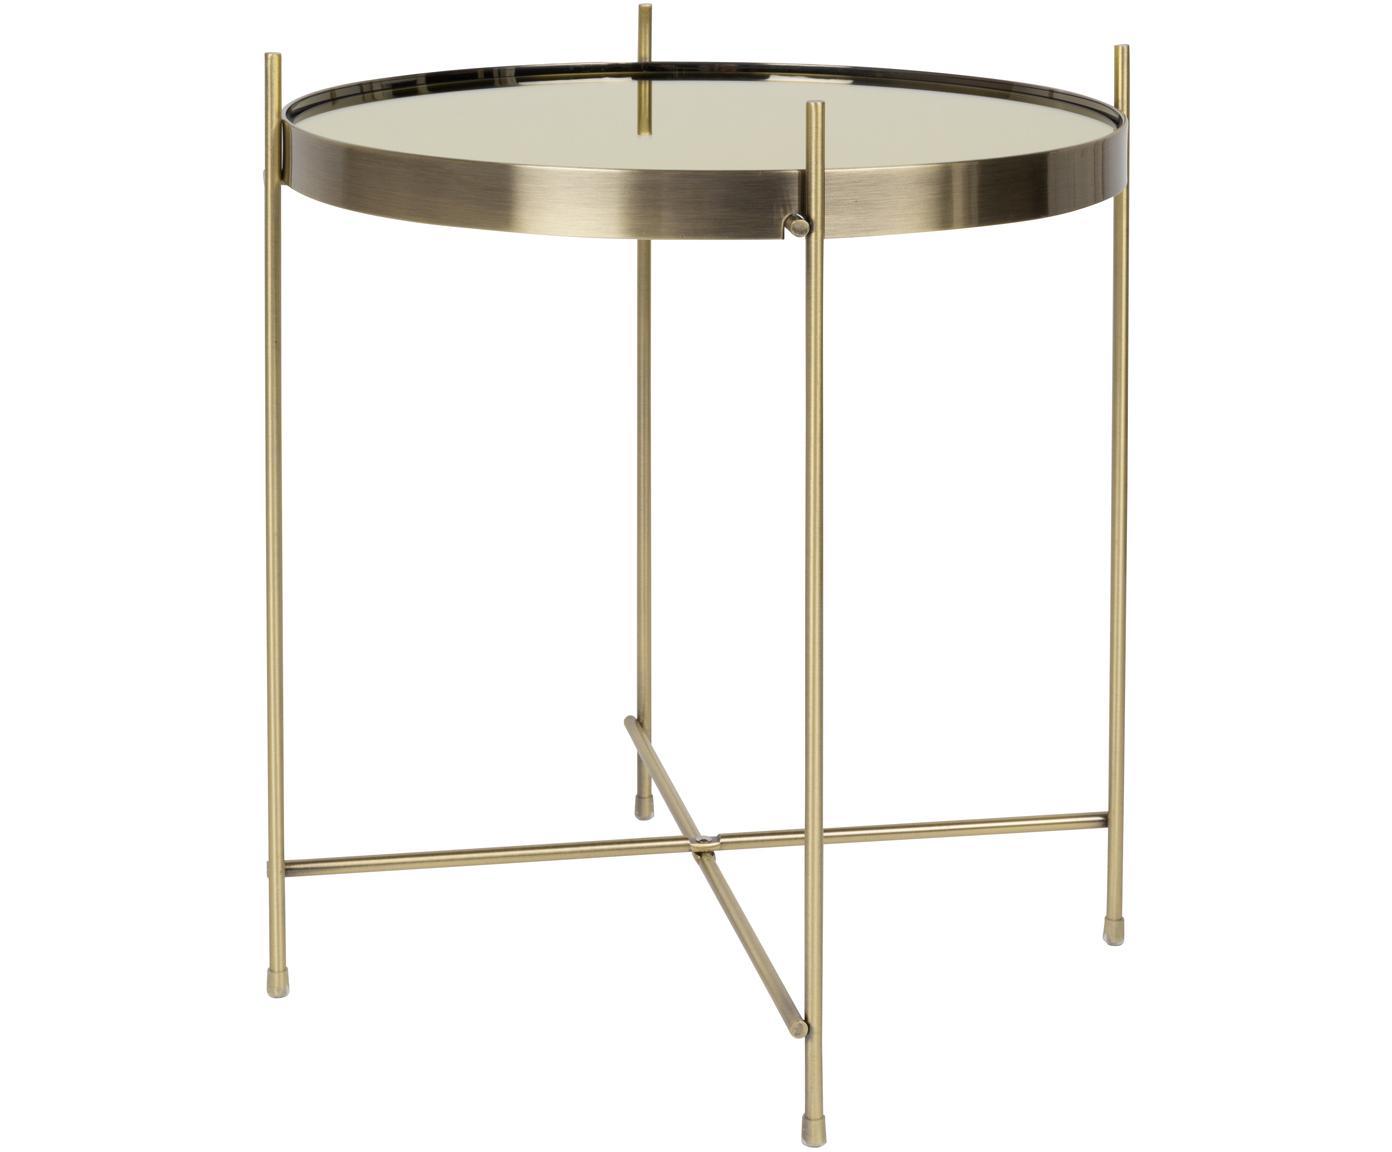 Stolik-taca Cupid, Stelaż: metal malowany proszkowo, Odcienie złotego, Ø 43 x W 45 cm